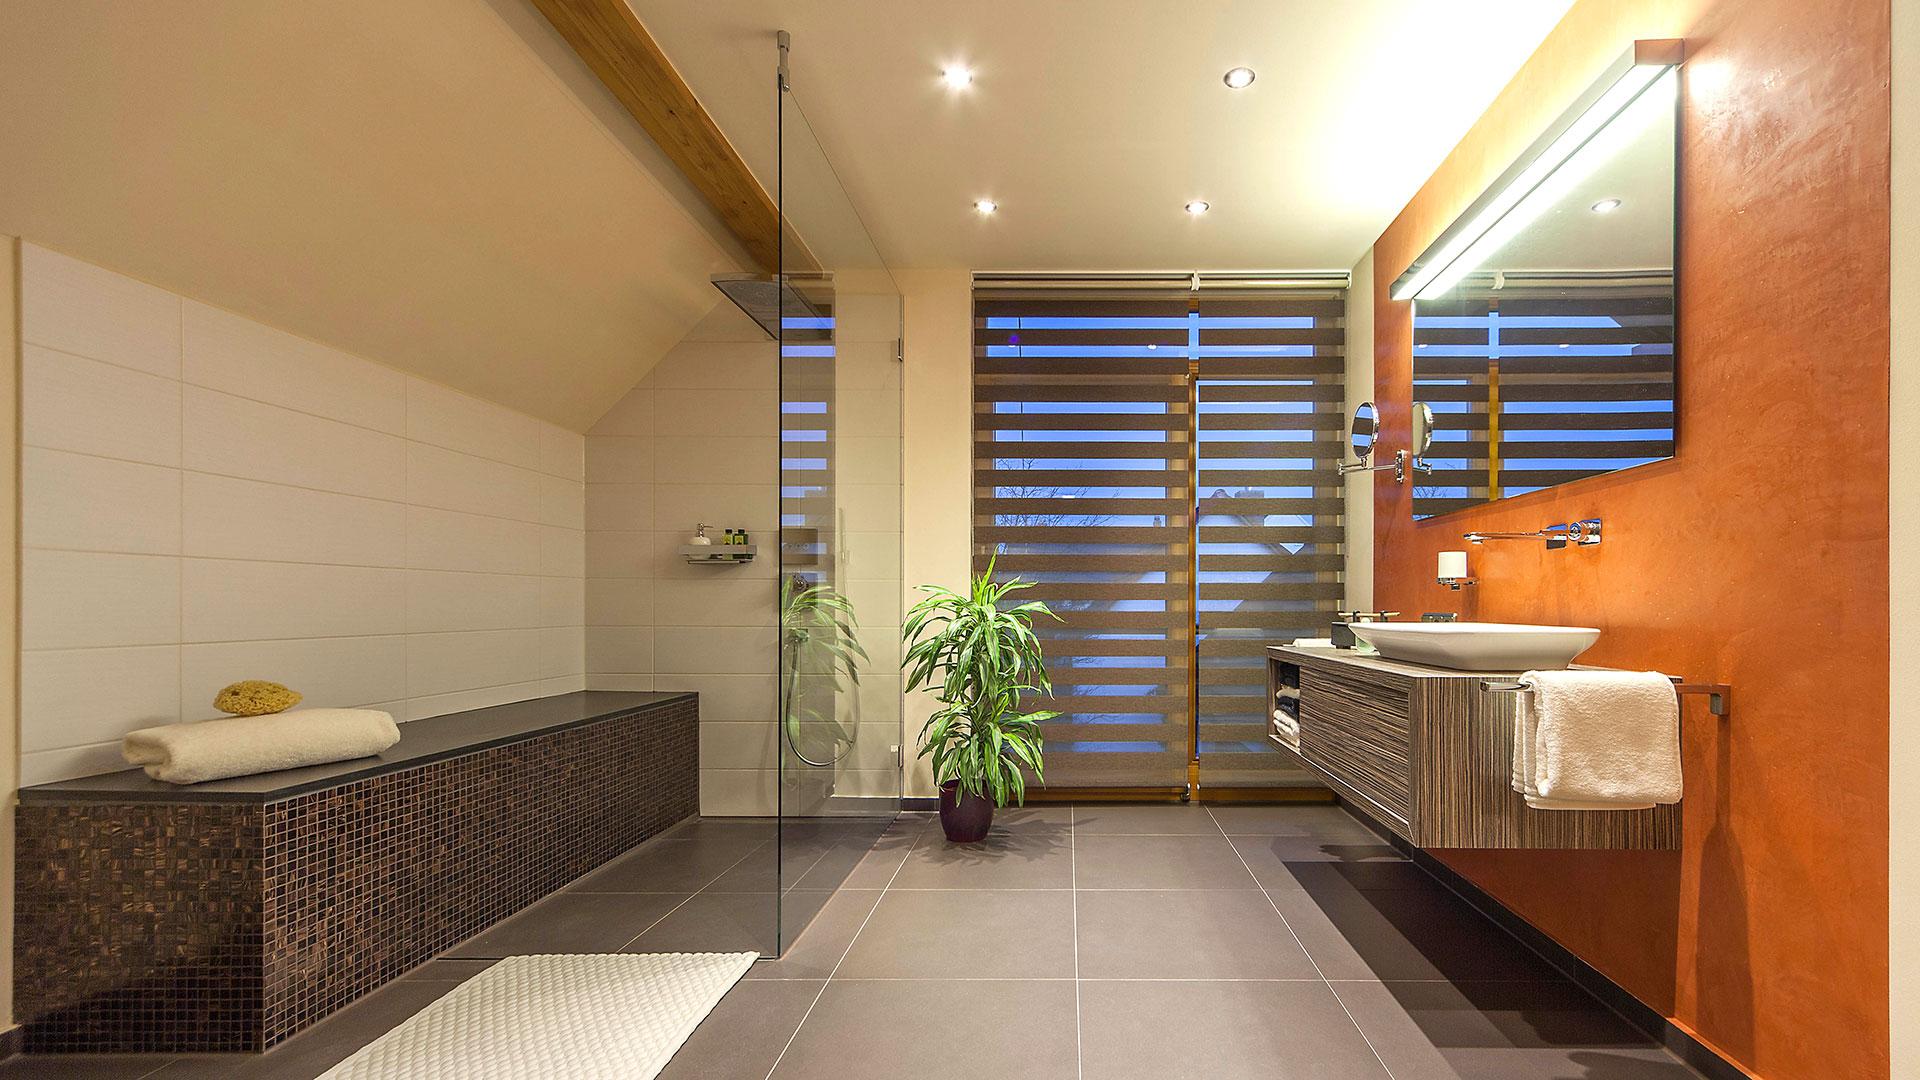 Großzügiges Badezimmer trotz Dachschrägen - Zitzelsberger GmbH